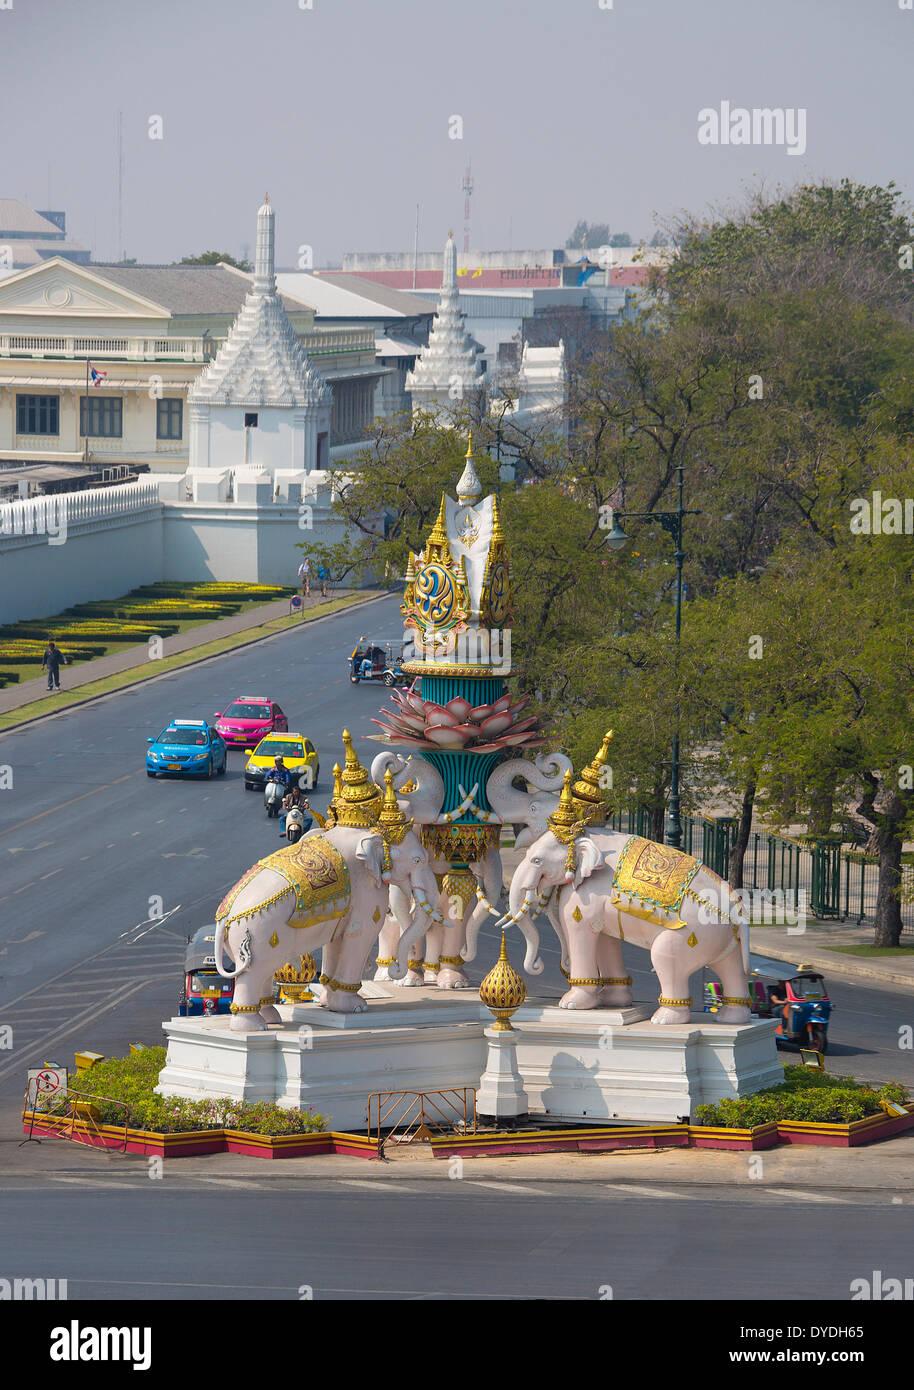 Bangkok, Thailand, Asia, colourful, elephants, monument, palace, royal, touristic, travel - Stock Image